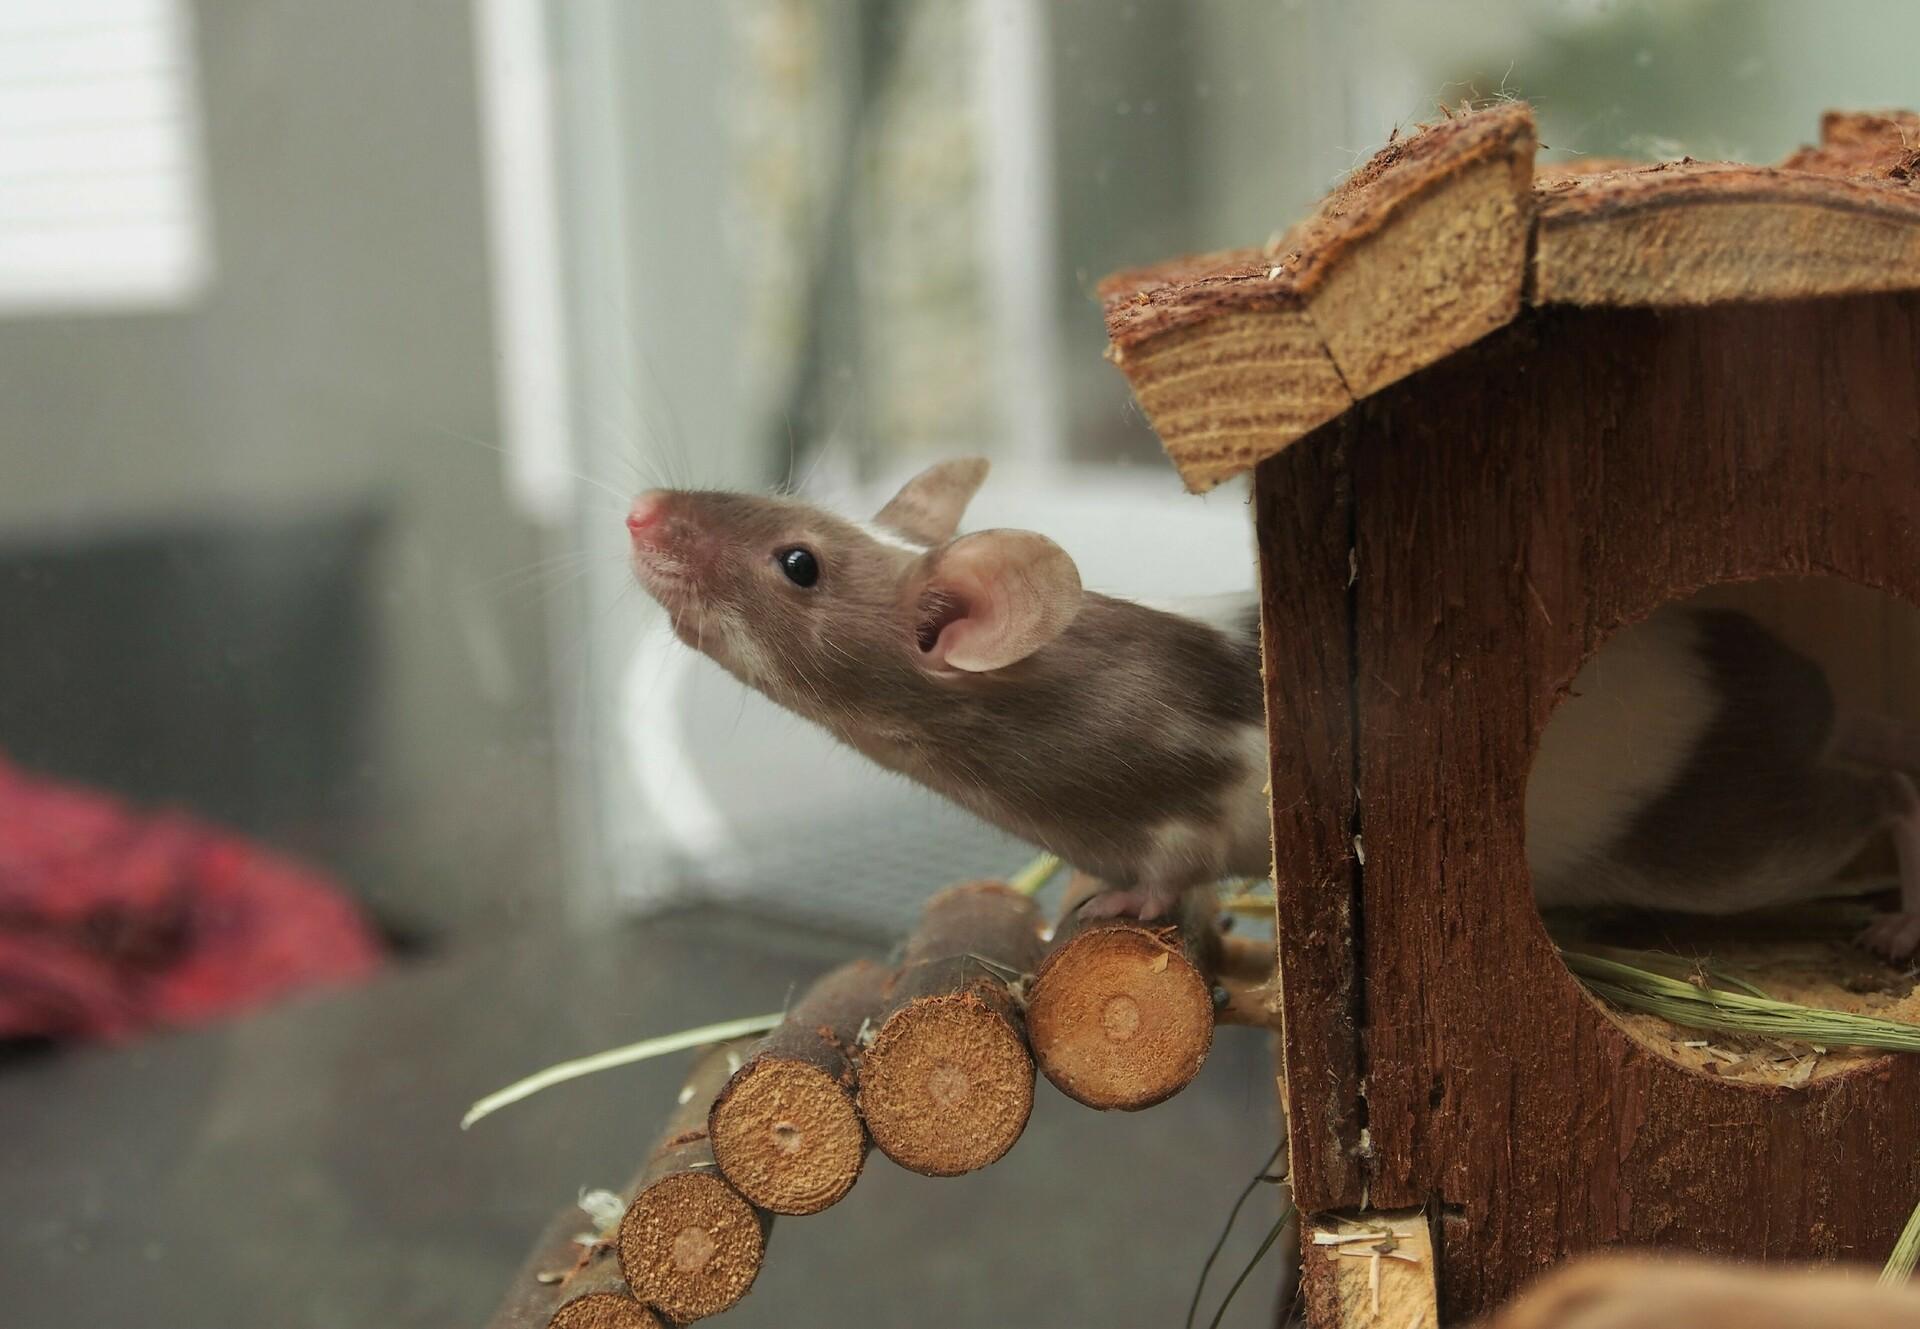 Maus schaut aus kleinem Holzhaus